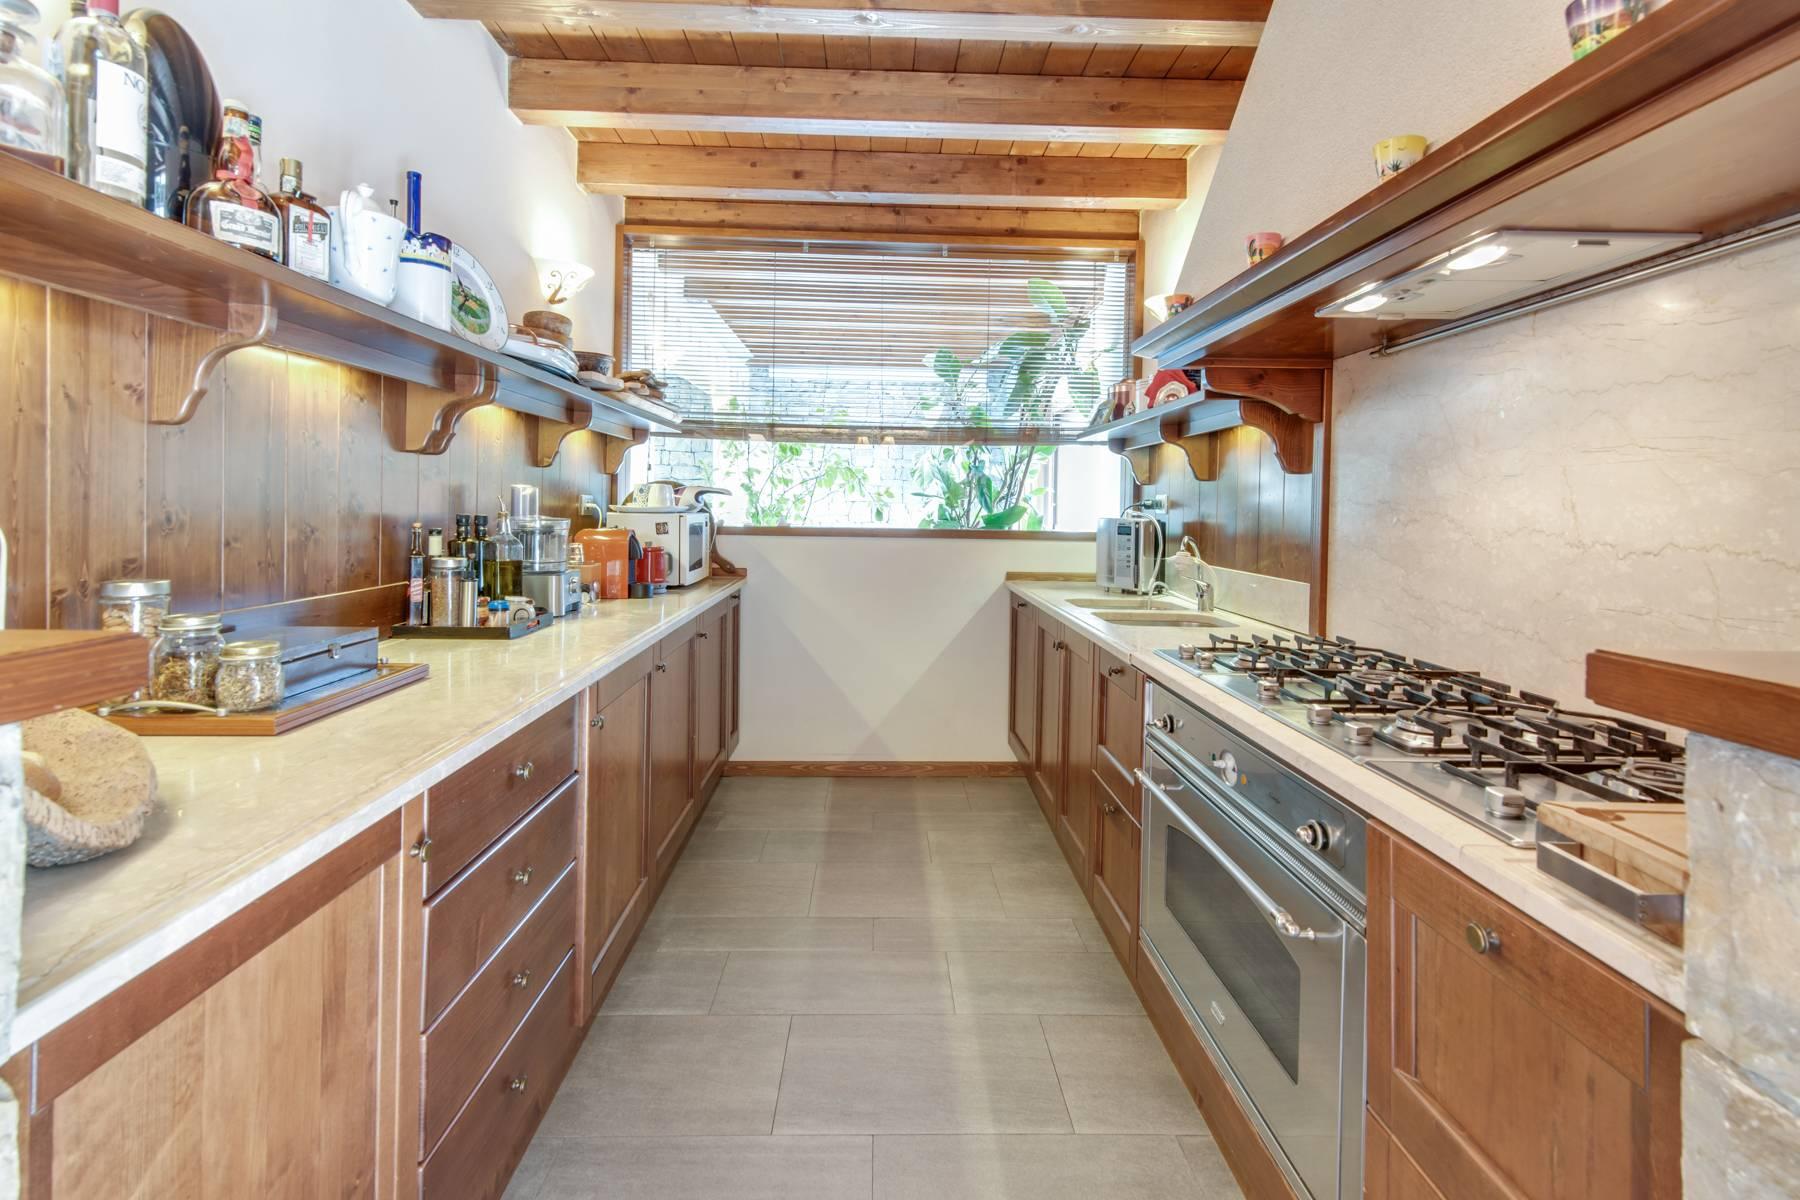 Villa in Vendita a Nembro: 5 locali, 530 mq - Foto 9